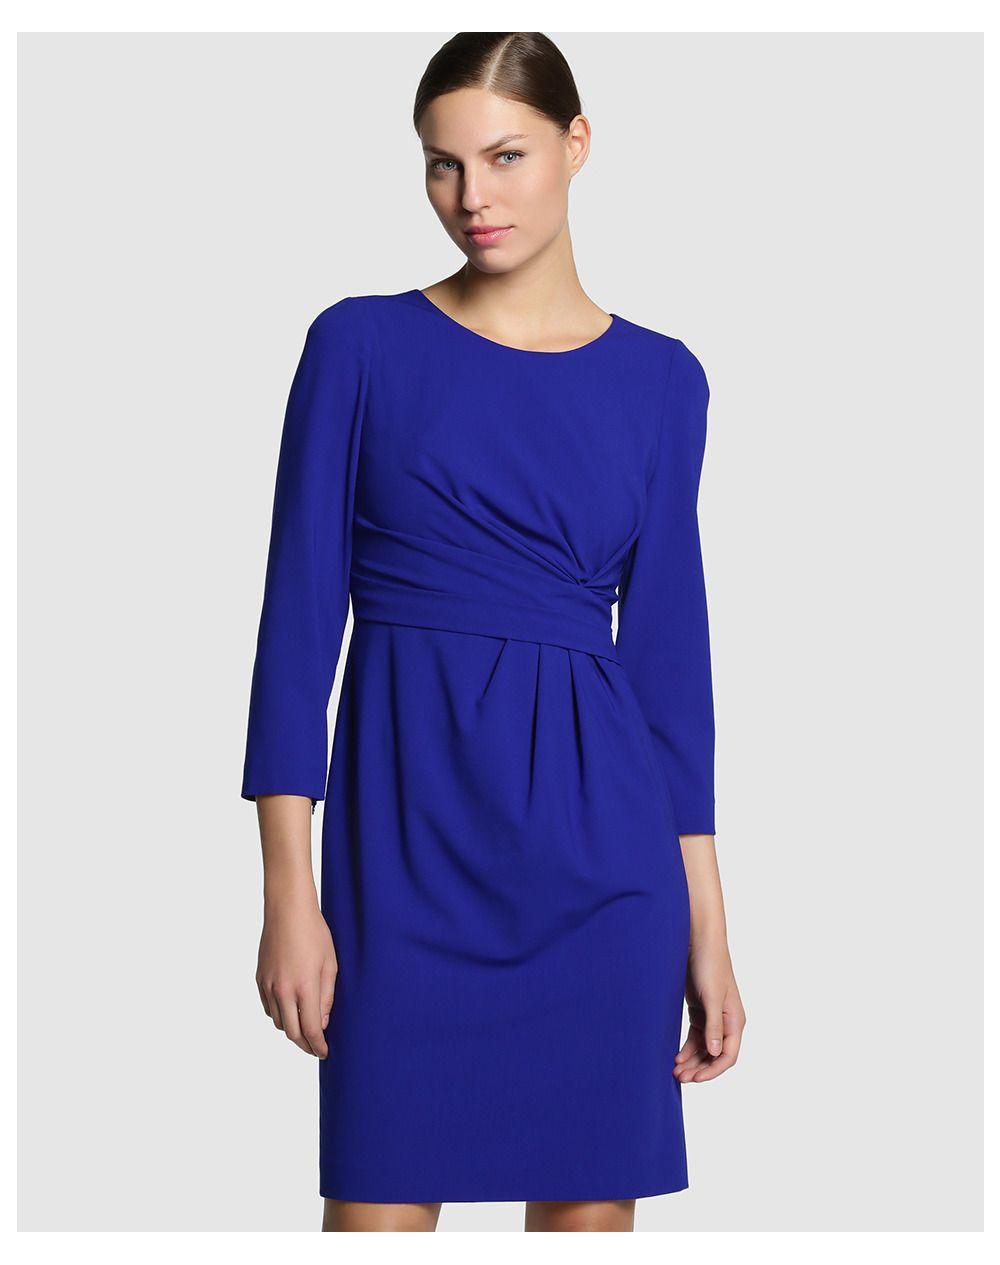 Vestidos de fiesta en azul para ocasiones especiales | Tu belleza ...